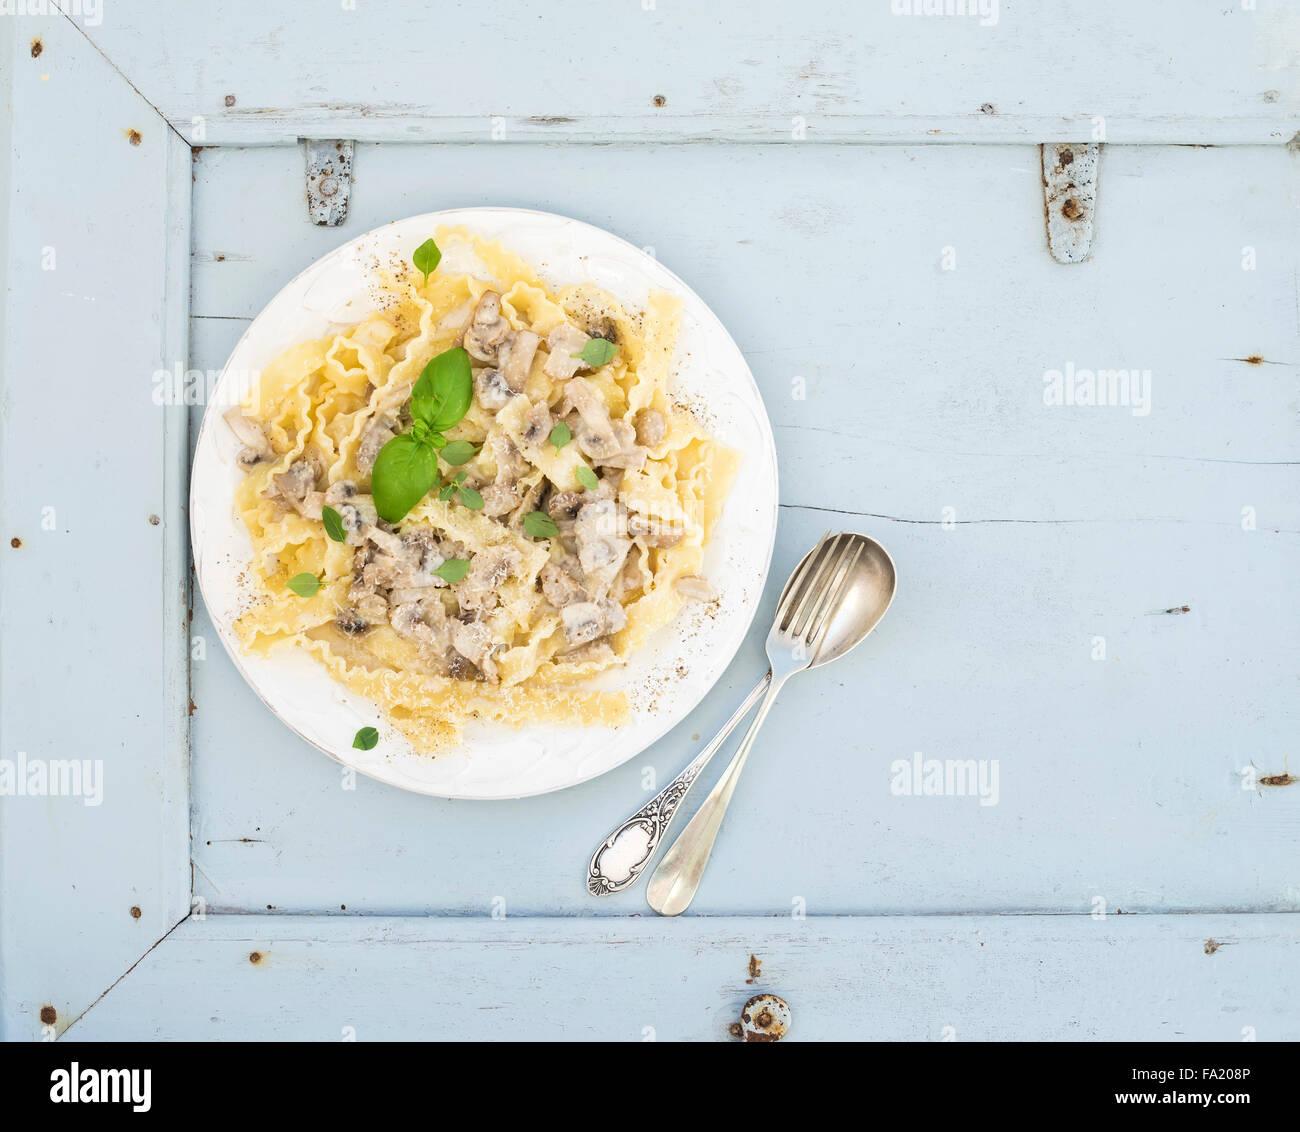 Pasta mafaldine con champiñones y salsa de nata en placa de cerámica blanca sobre fondo azul de madera. Imagen De Stock